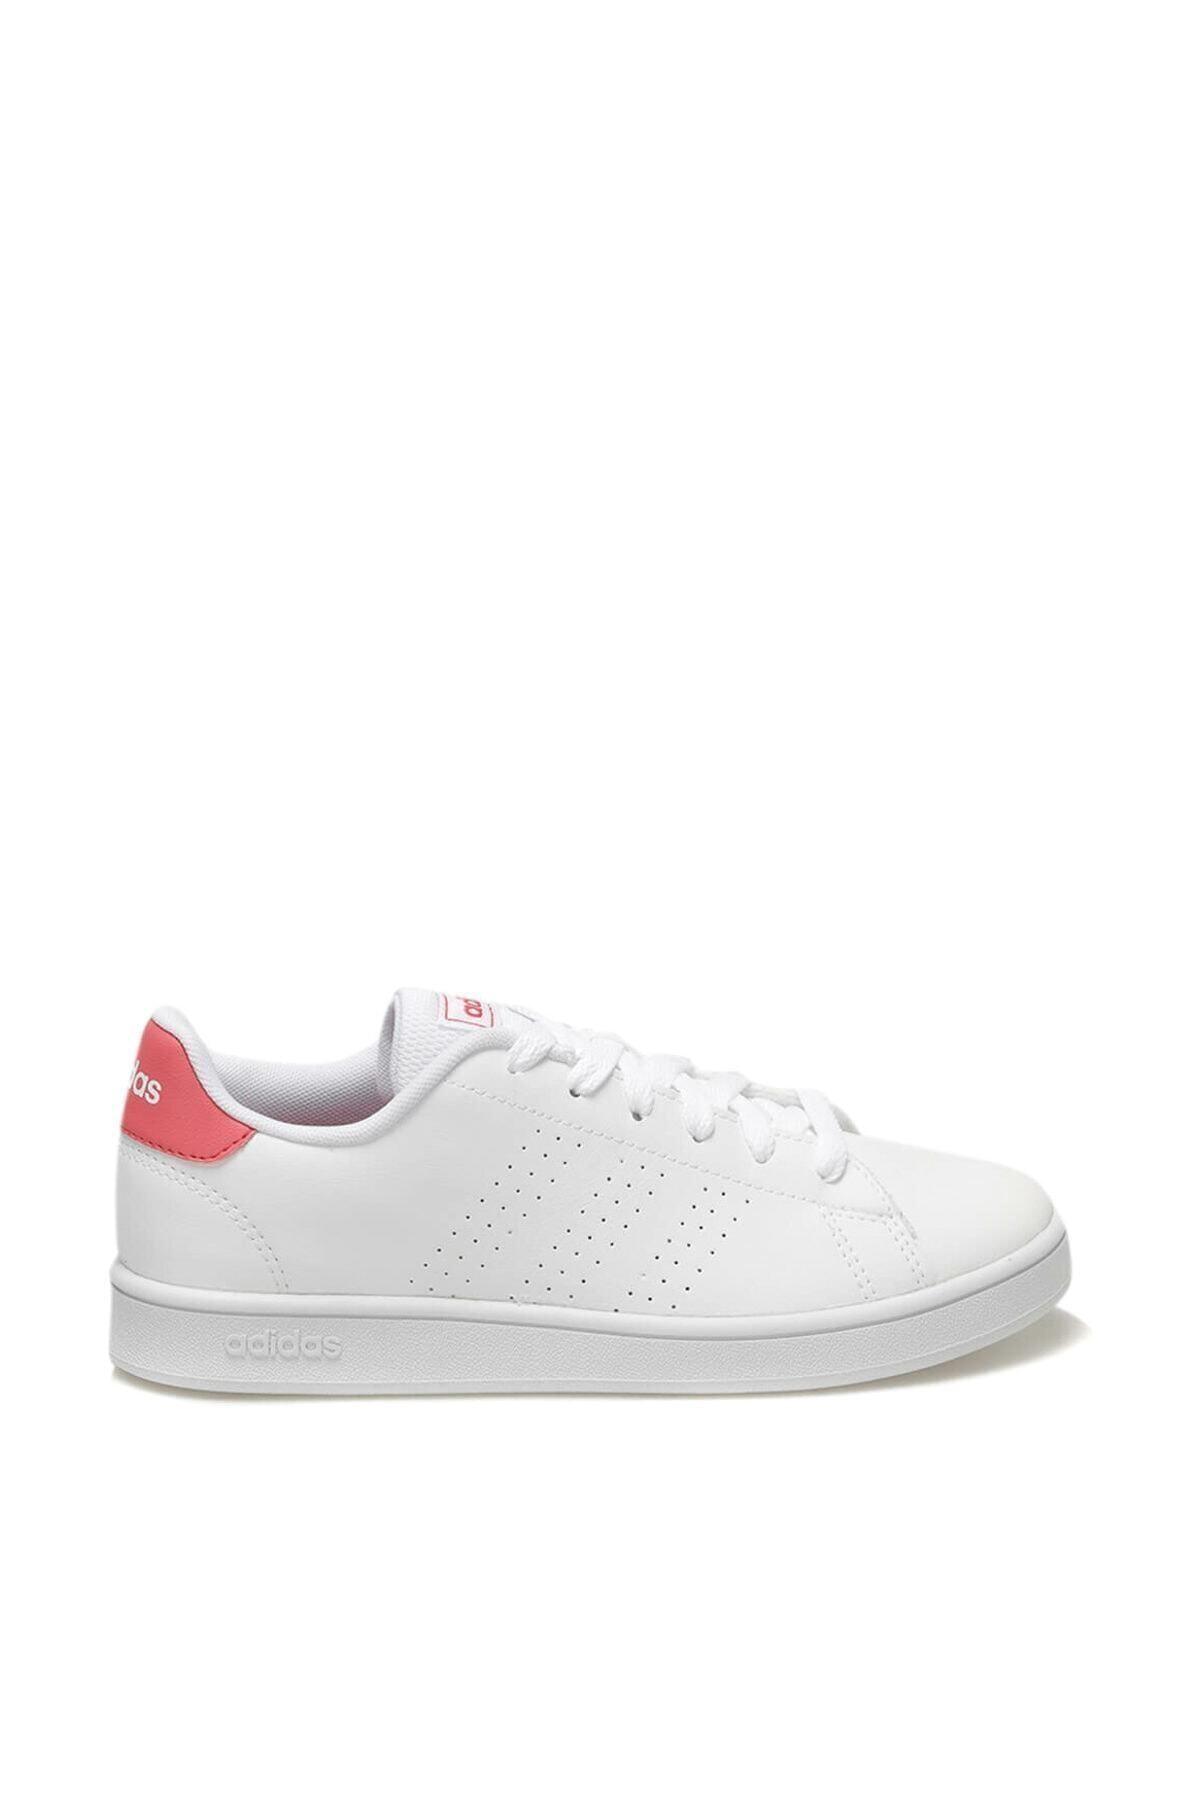 adidas ADVANTAGE K Beyaz Kız Çocuk Sneaker Ayakkabı 100479436 2